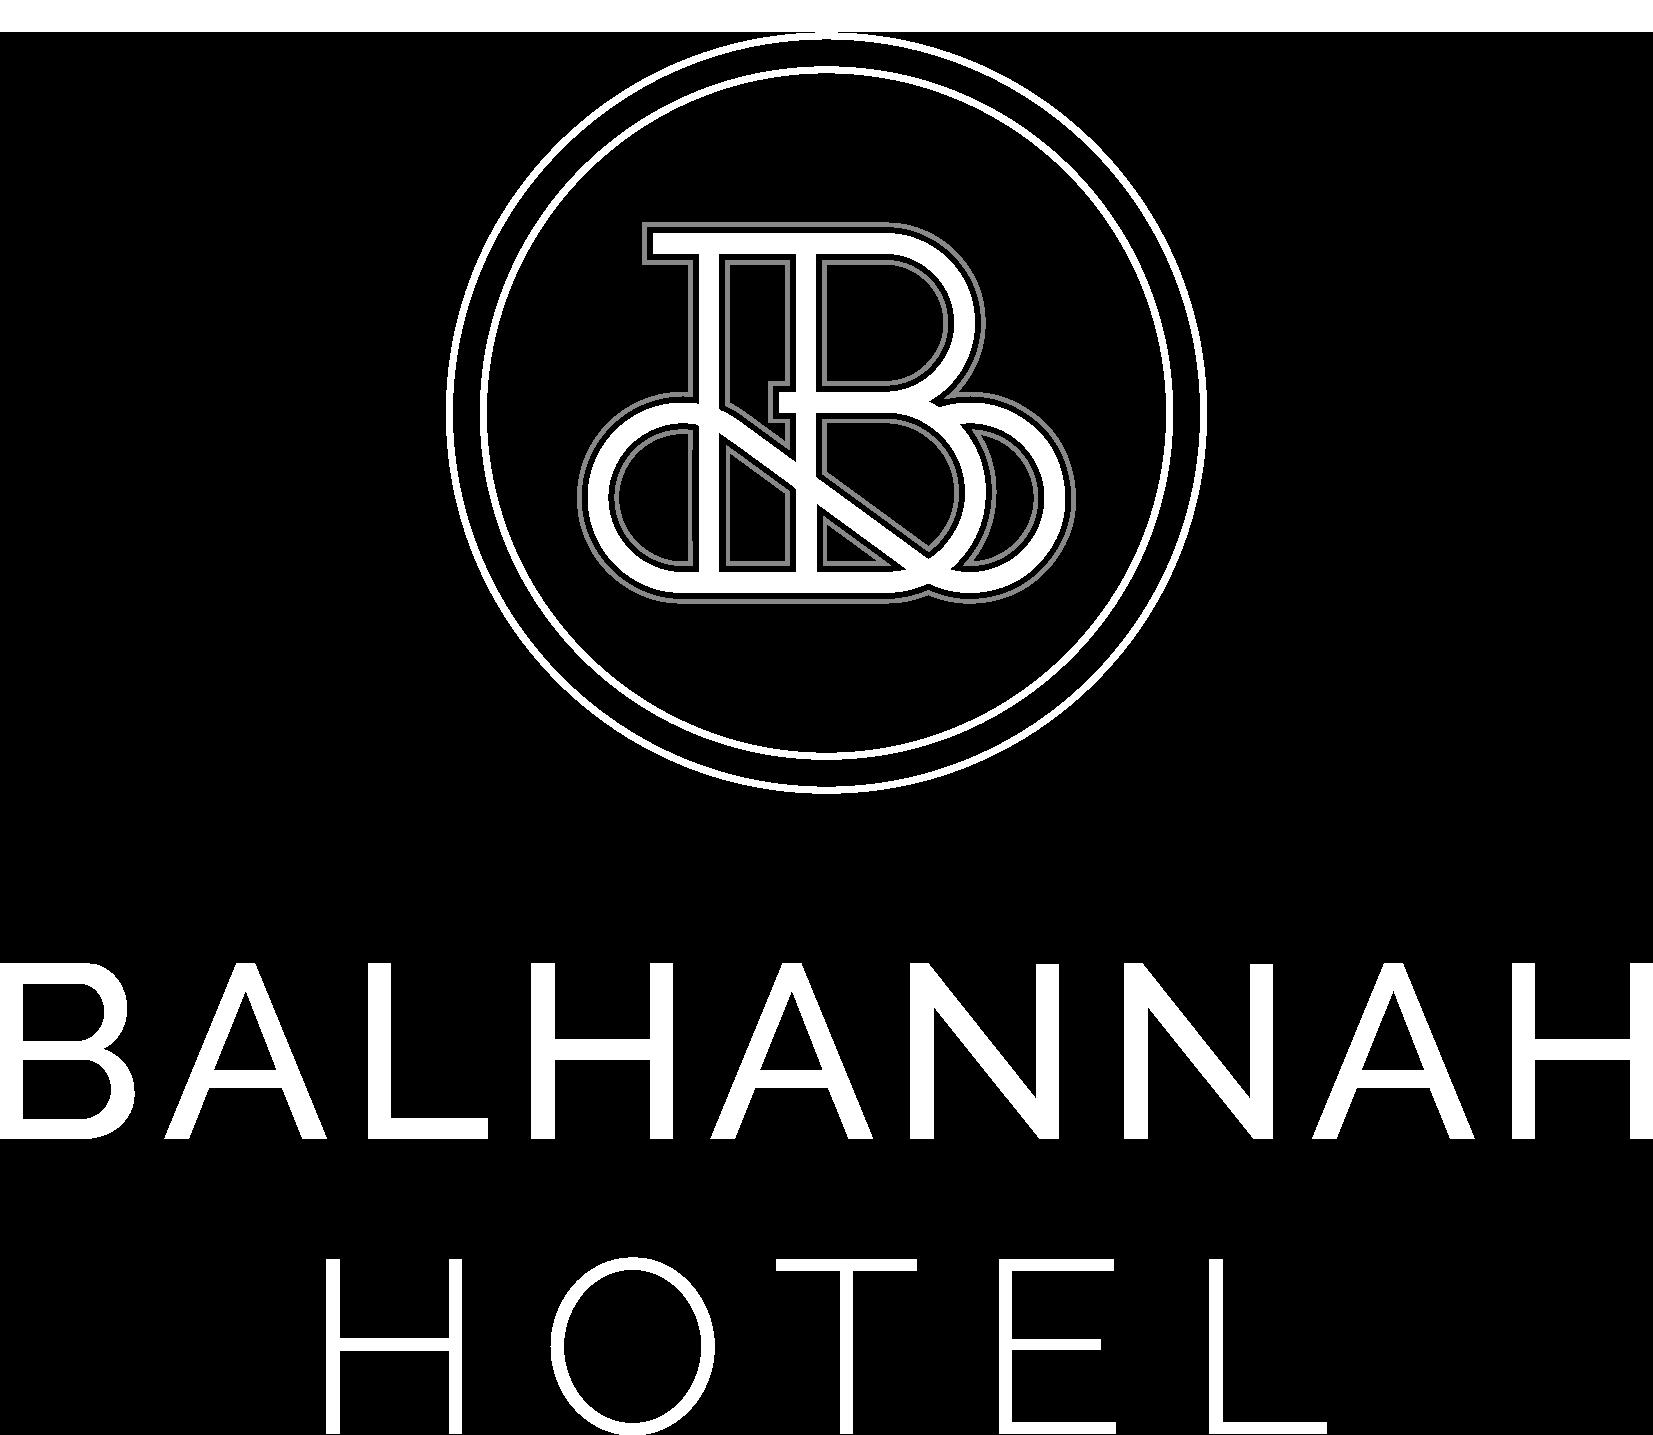 Balhannah Hotel